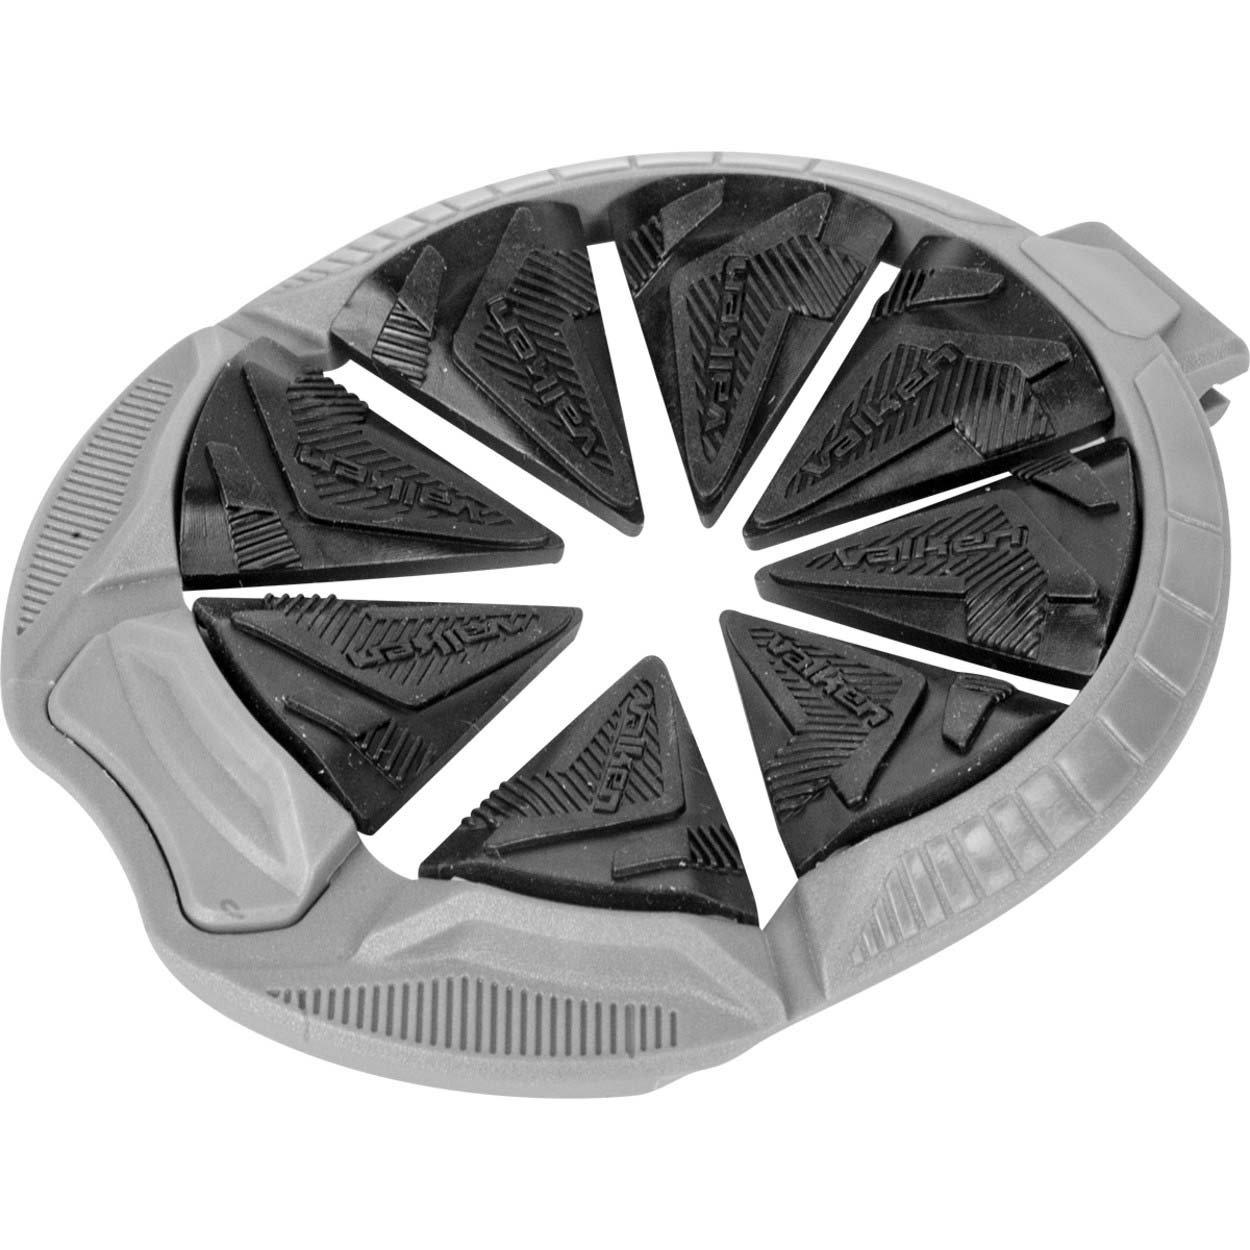 Valken Paintball VSL Loader Accessory - Speed Feed - Grey/Black by Valken